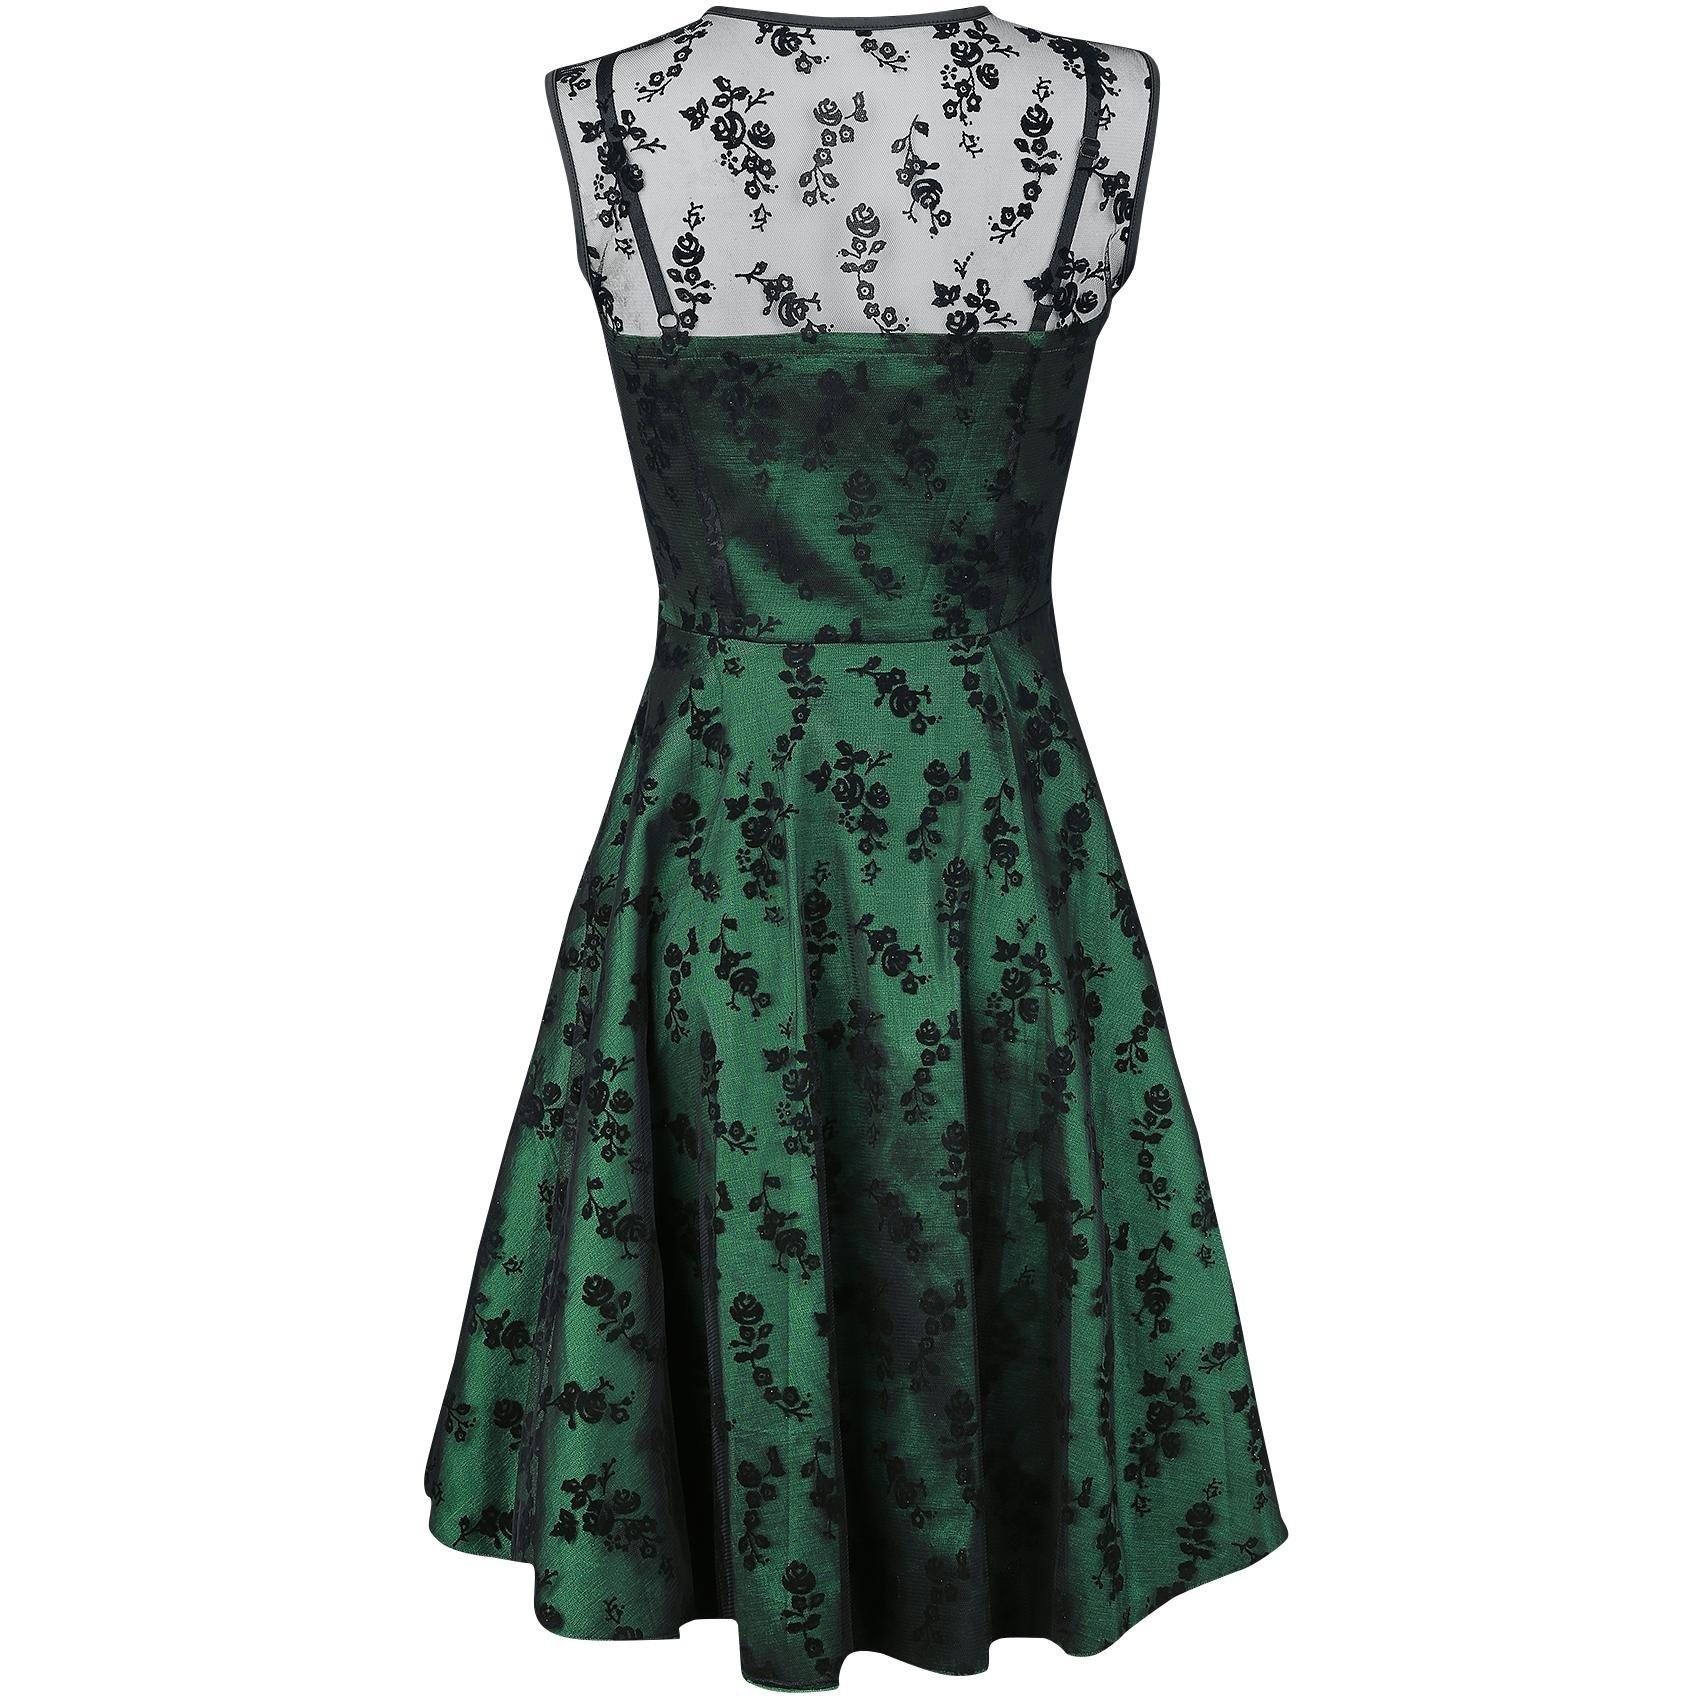 13 Großartig Grünes Kurzes Kleid für 2019Formal Schön Grünes Kurzes Kleid Boutique